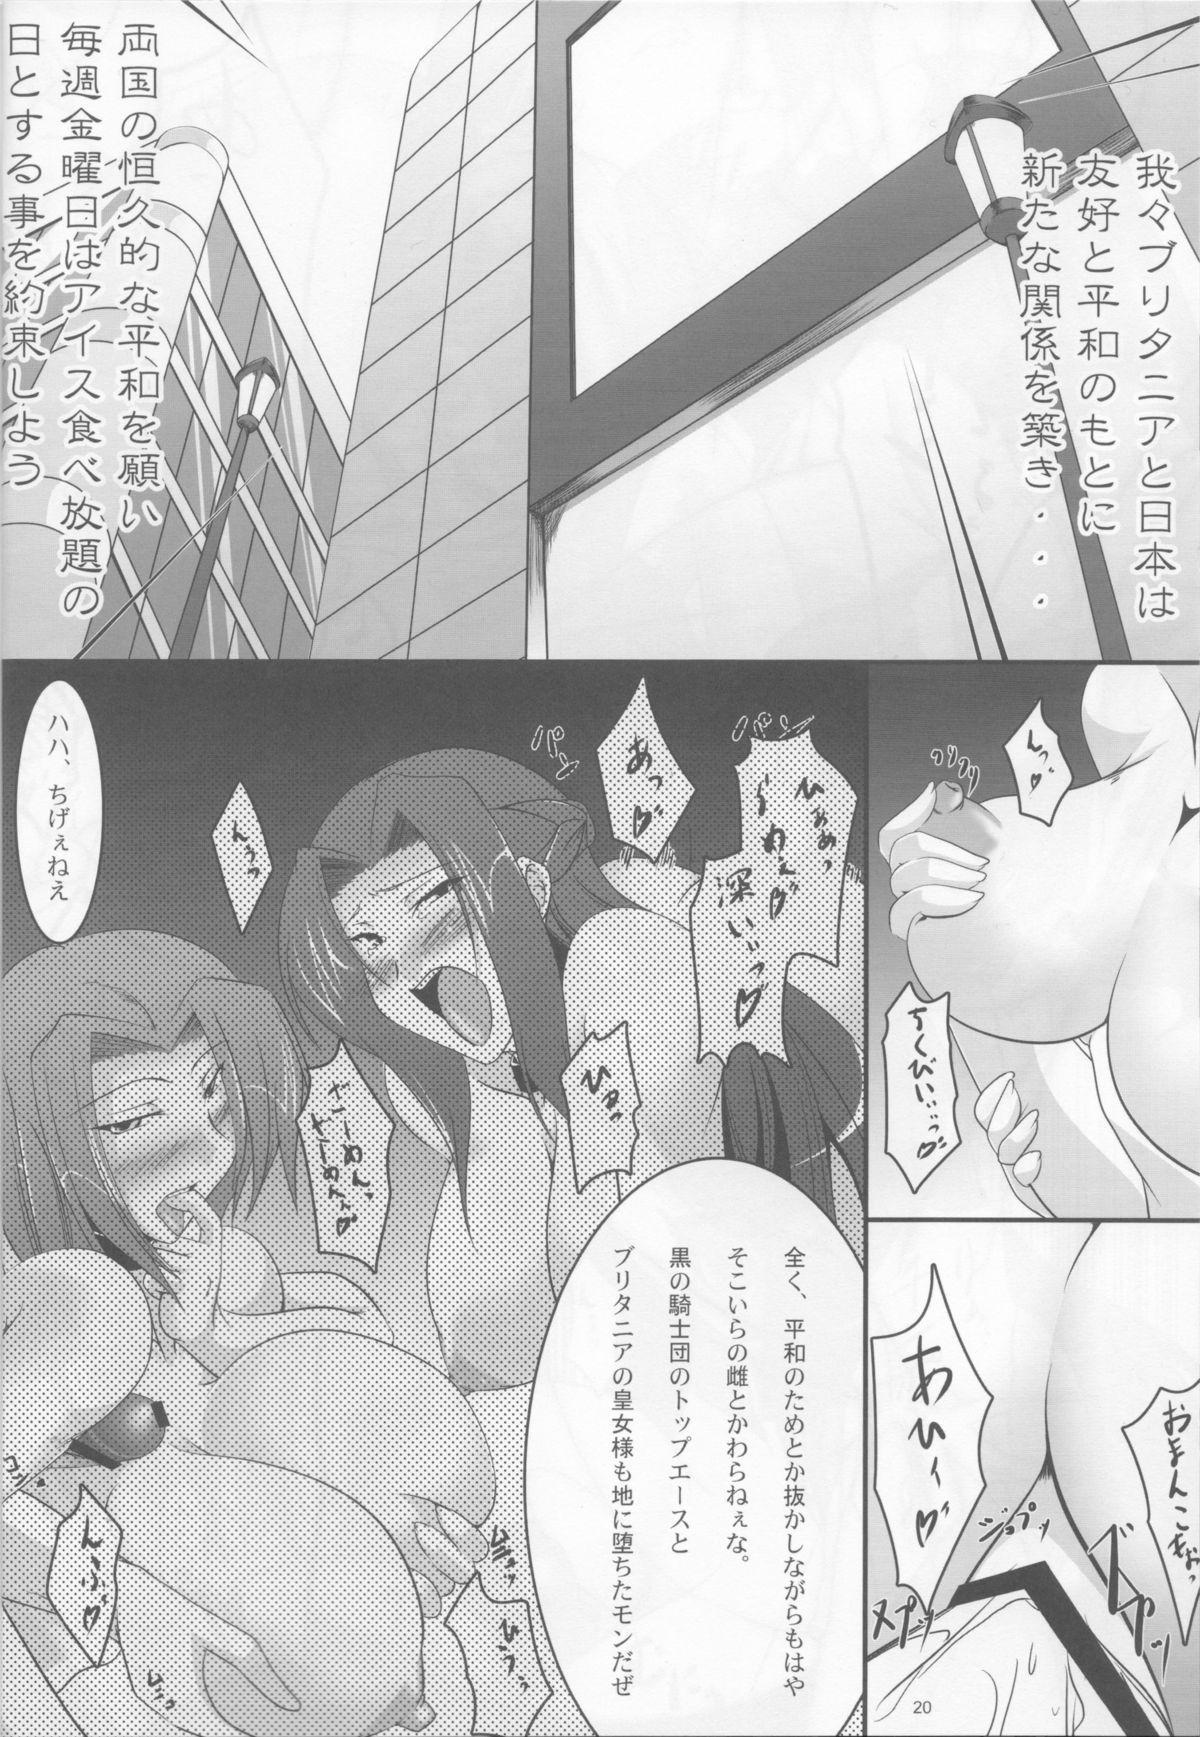 NichiBri PERFECT Nyuukou Jouyaku 1.0 18